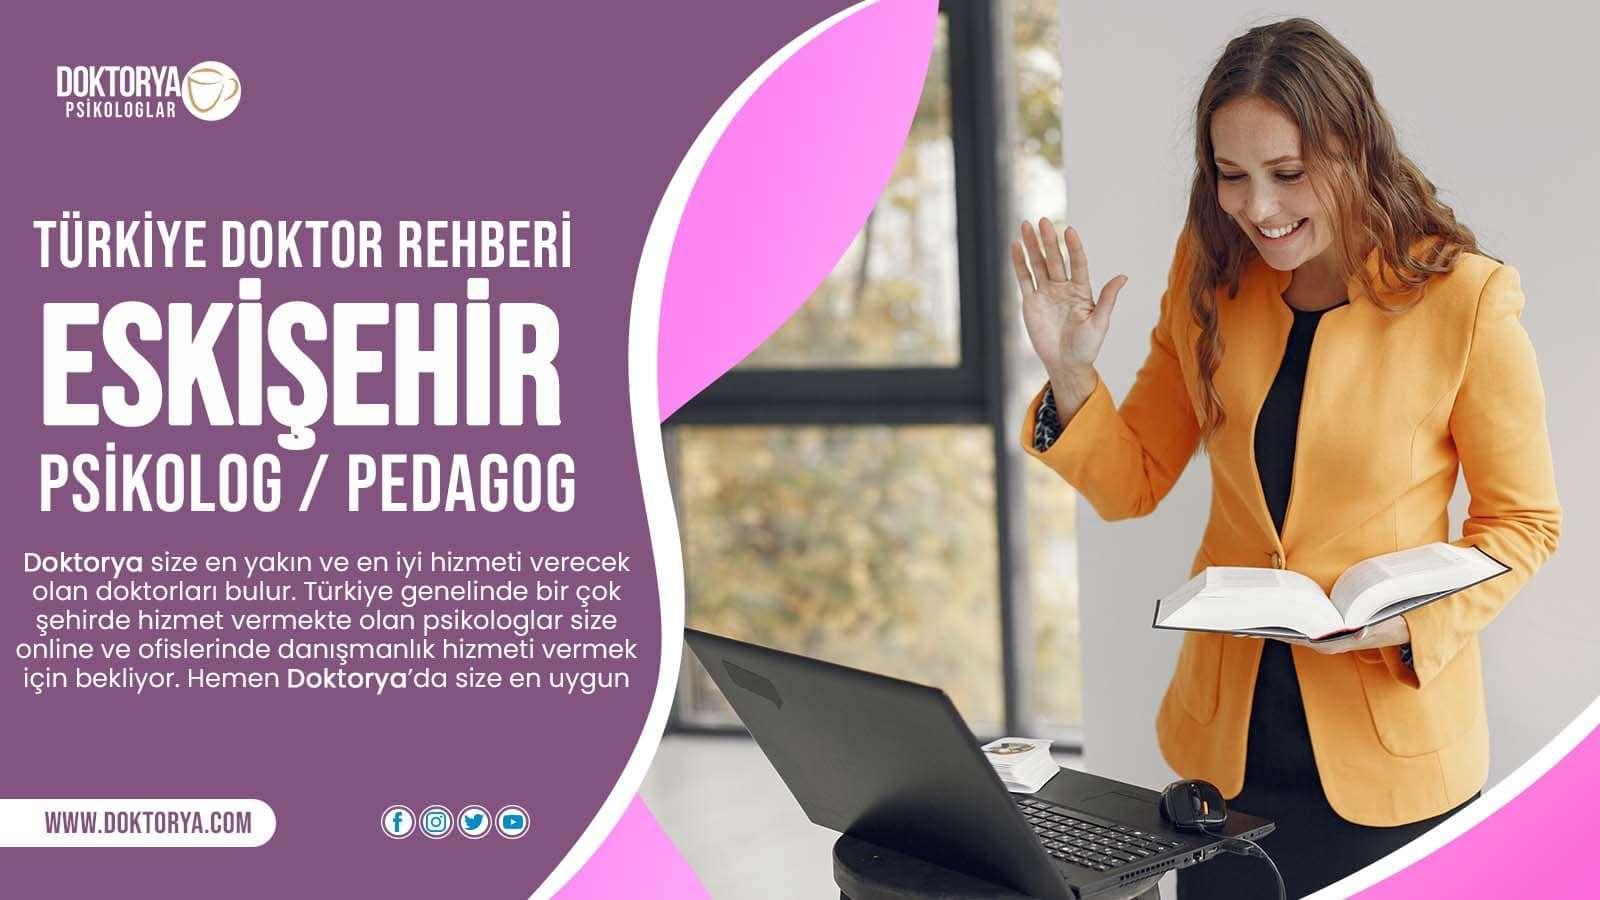 Eskişehir Psikolog